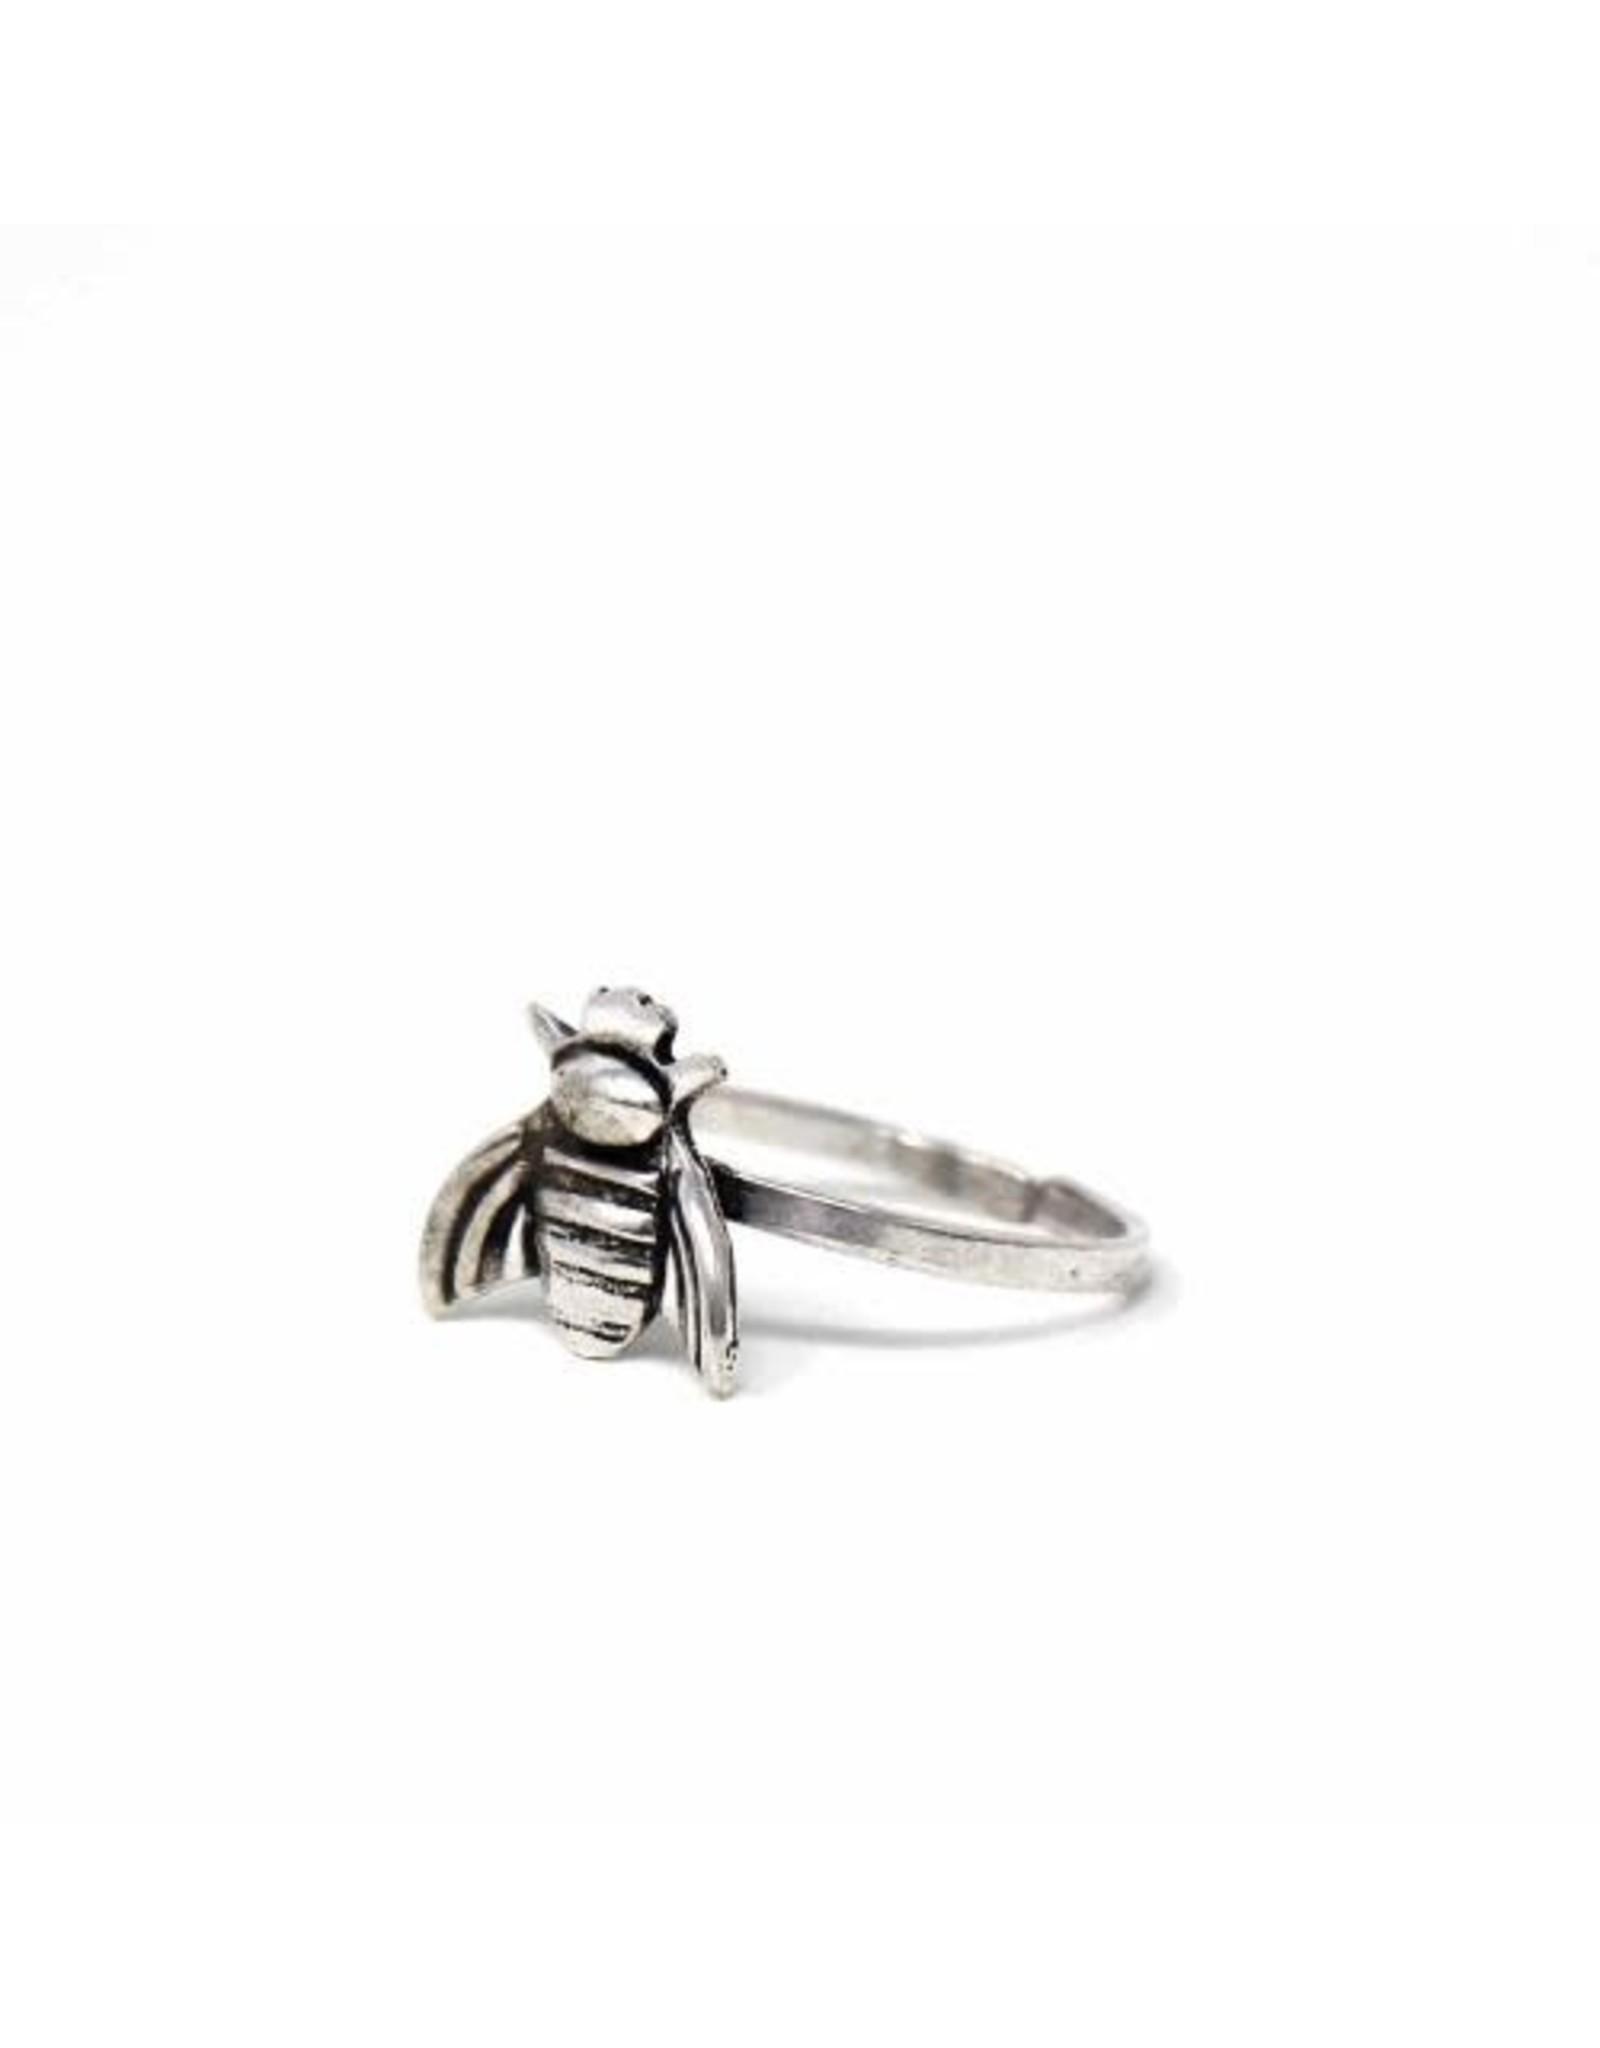 Global Crafts Honeybee Adjustable Ring